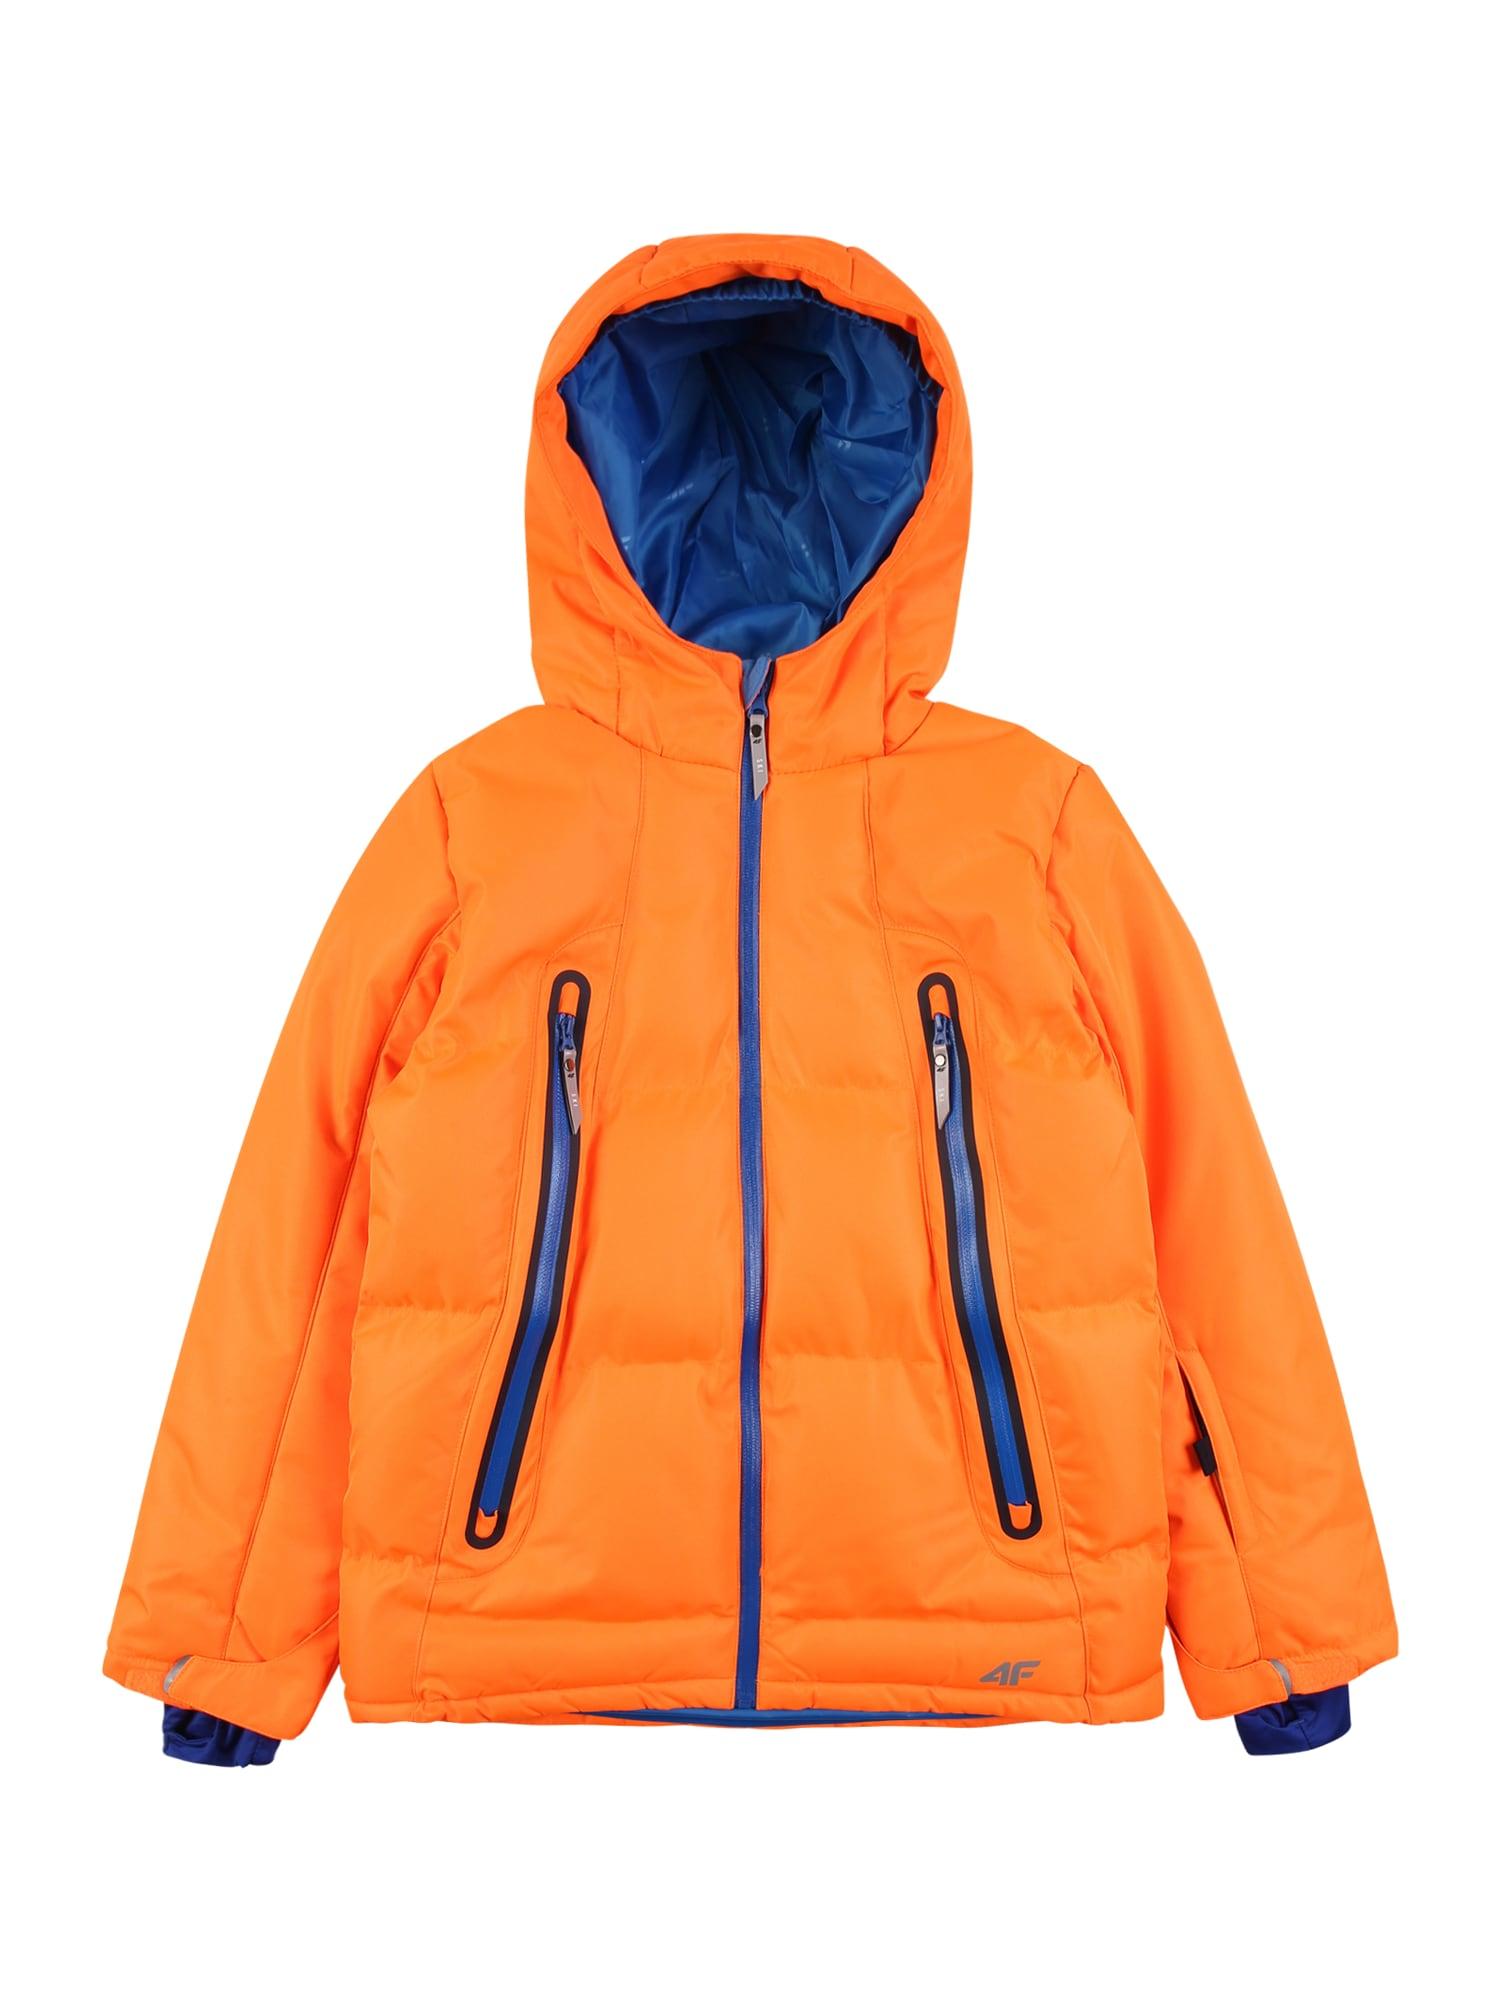 4F Laisvalaikio striukė neoninė oranžinė / tamsiai mėlyna jūros spalva